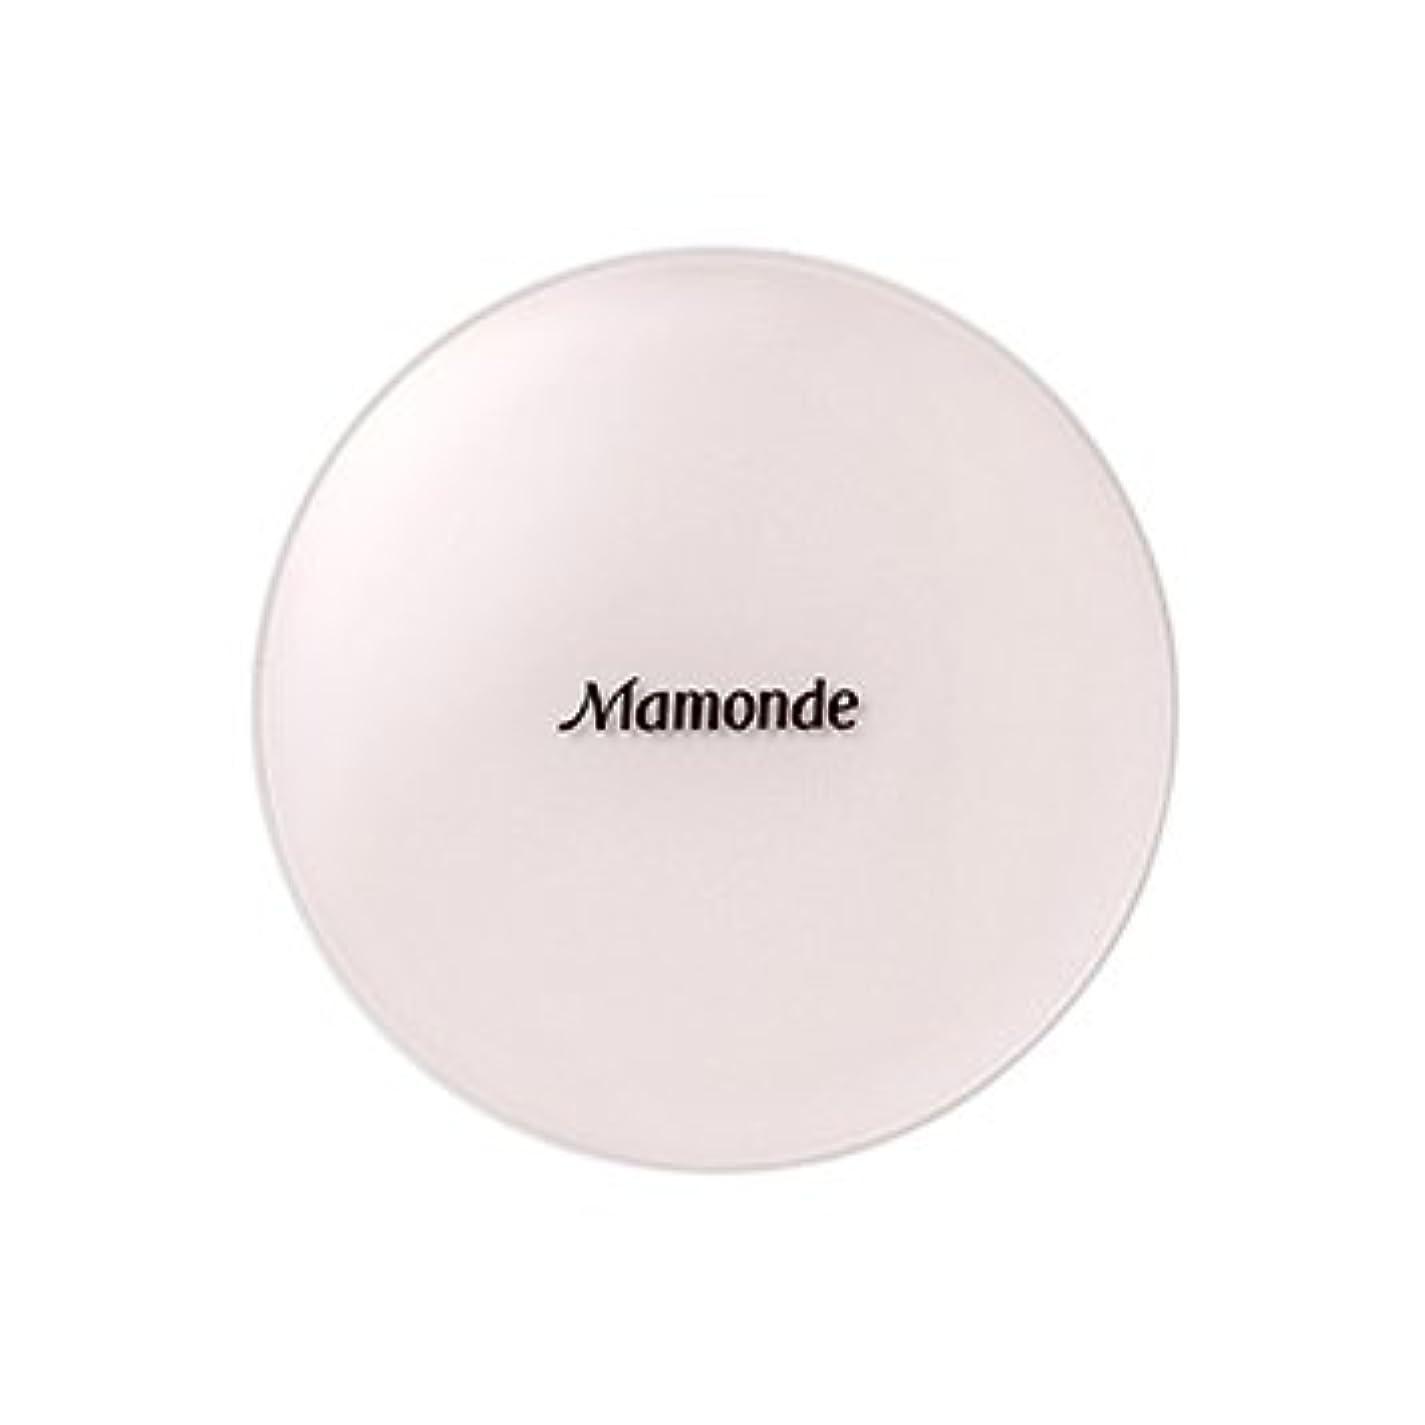 [New] Mamonde Brightening Cover Ampoule Cushion 15g/マモンド ブライトニング カバー アンプル クッション 15g (#21C Medium Peach) [並行輸入品]